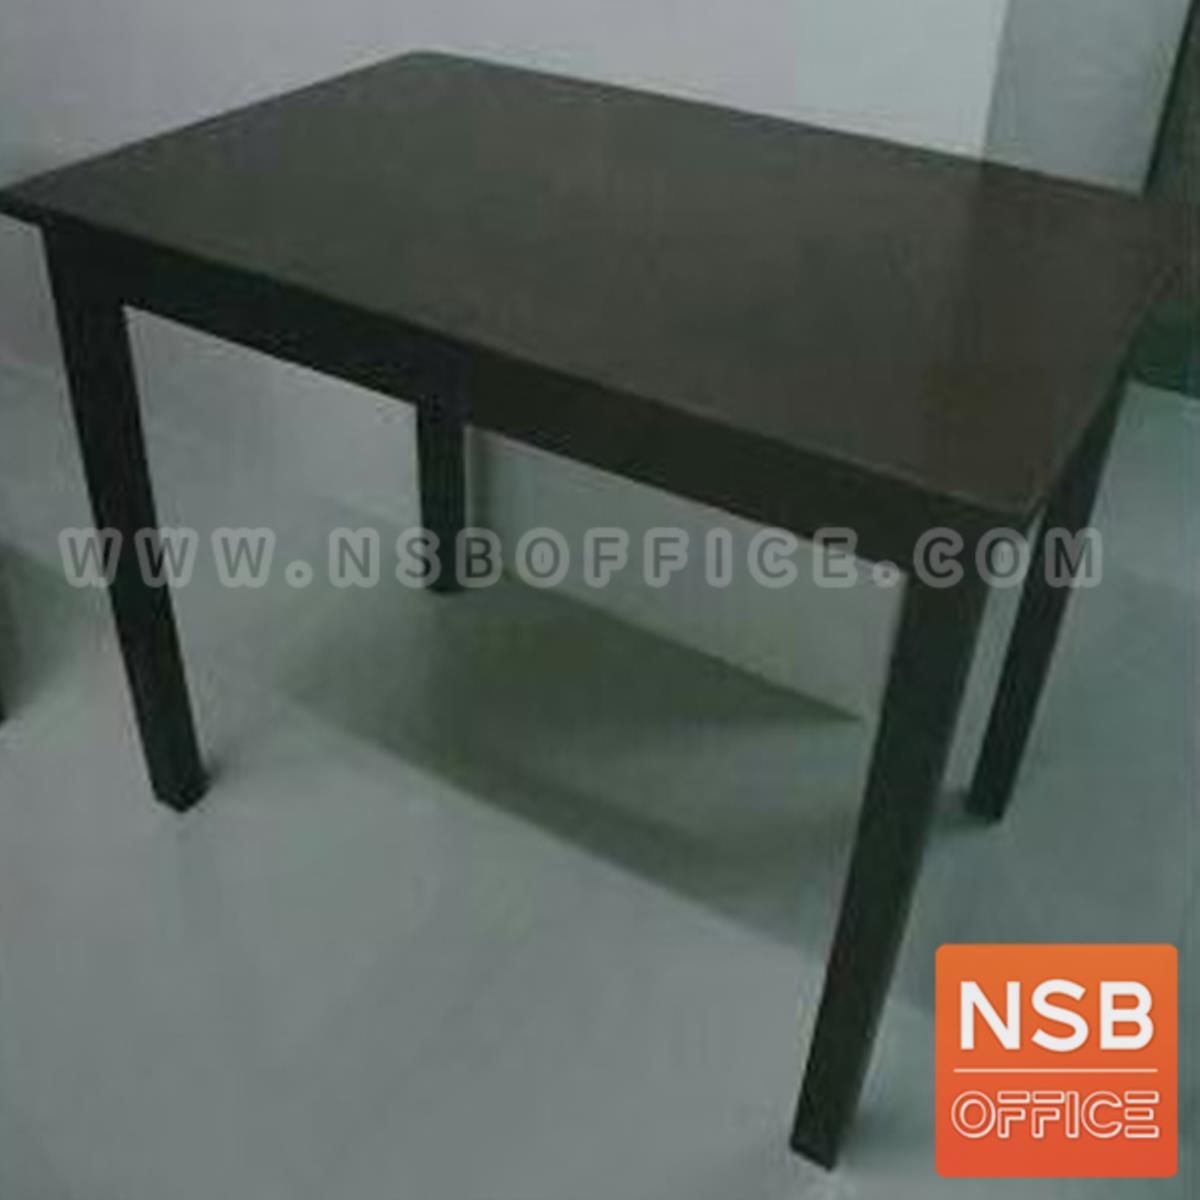 G20A014:โต๊ะอาหารไม้ยางพาราเหลี่ยม รุ่น Cora (คอร่า) ขนาด 90W cm.